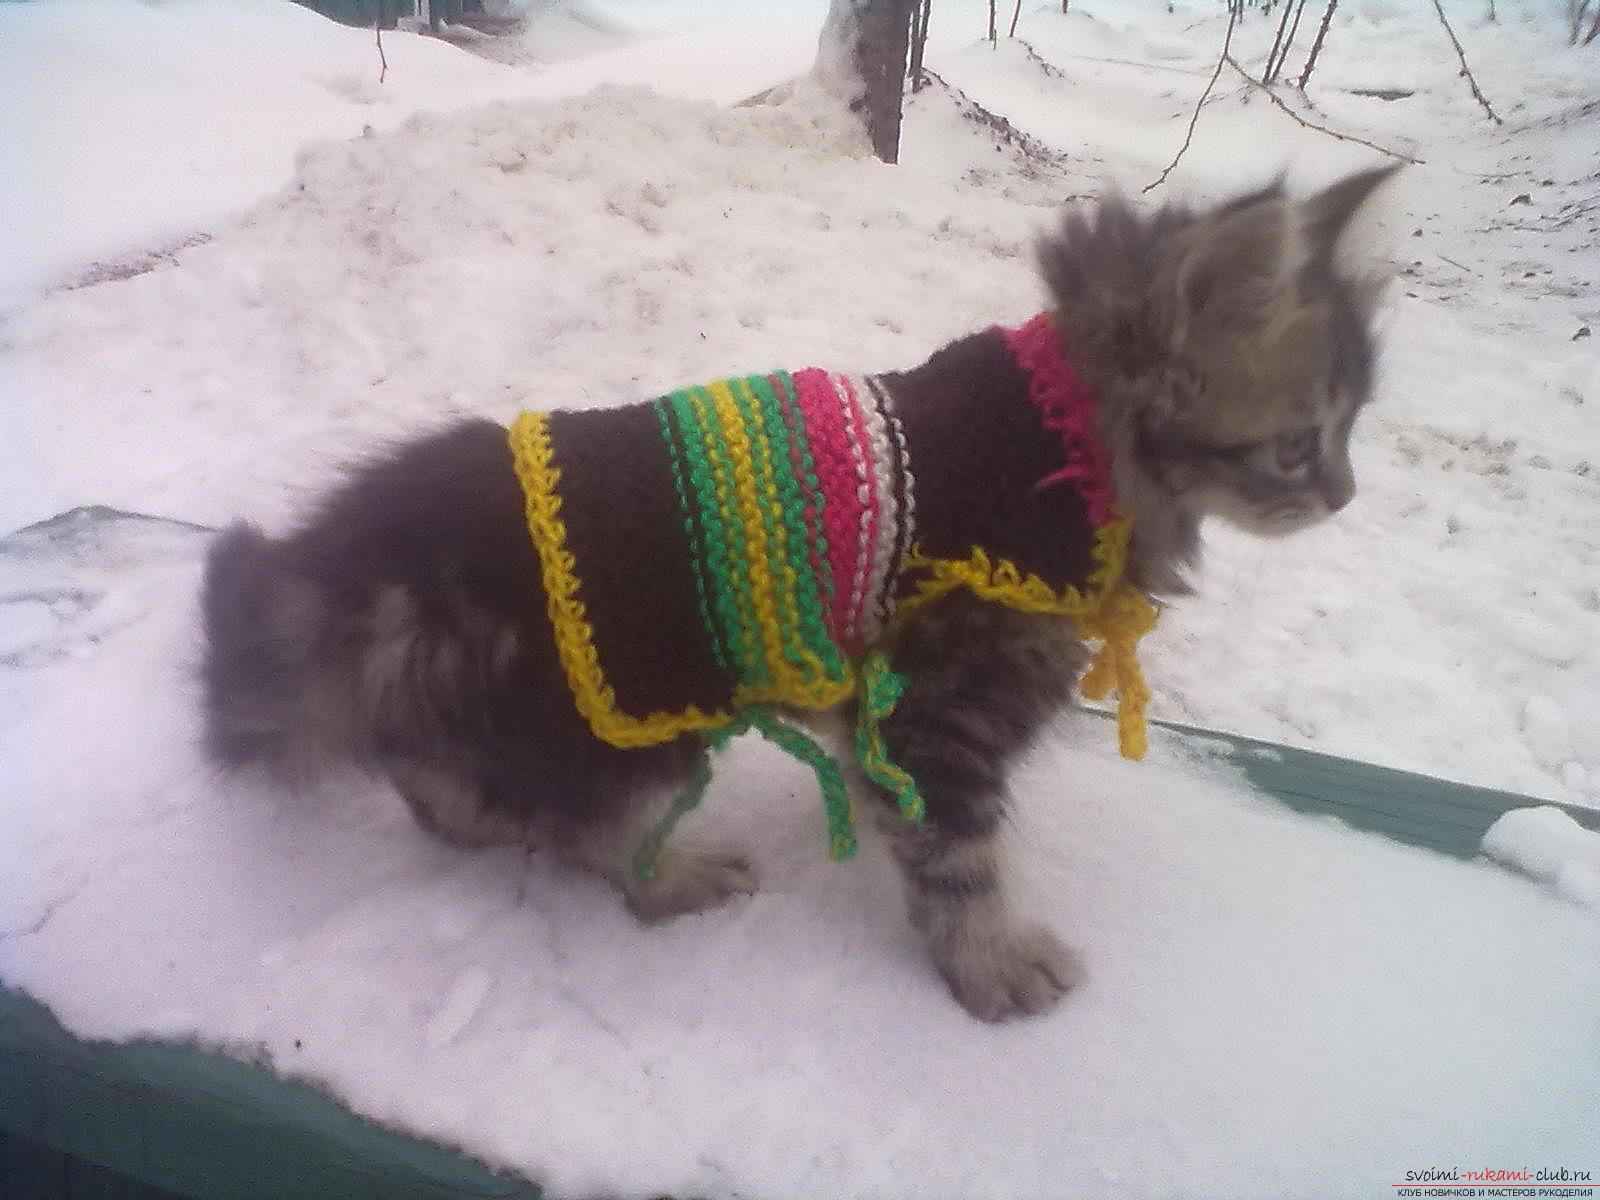 Вязаная одежда для собак и кошек создается своими руками, красивая кофточка наверняка согреет питомца в холодный времена.. Фото №1